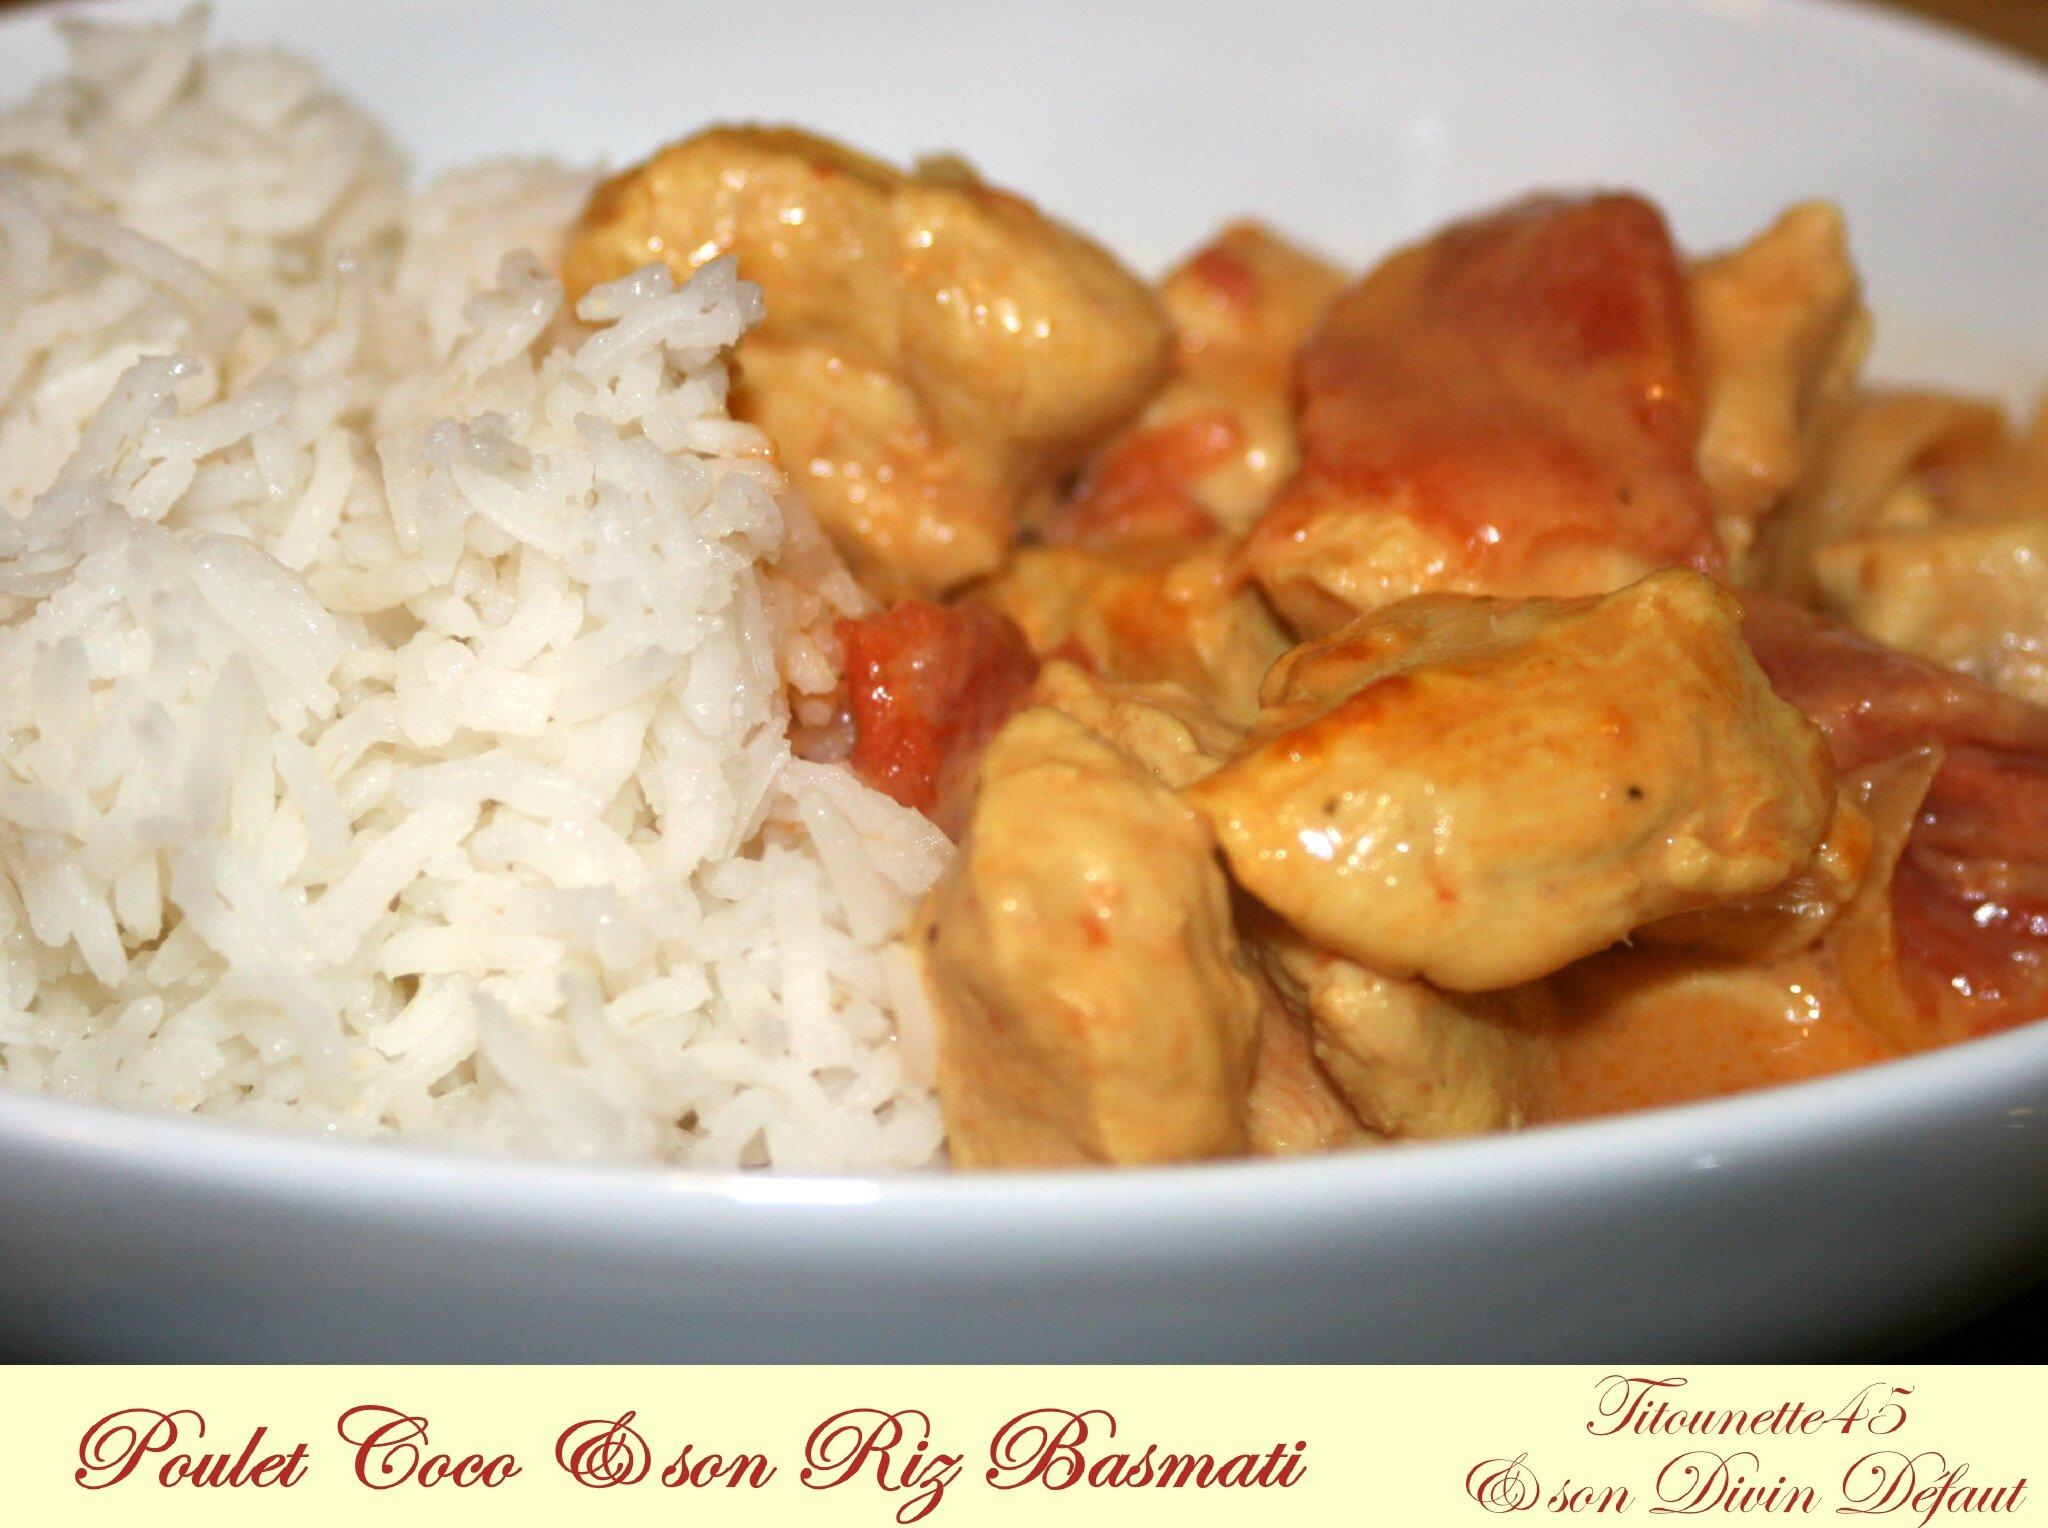 Poulet coco et riz basmati